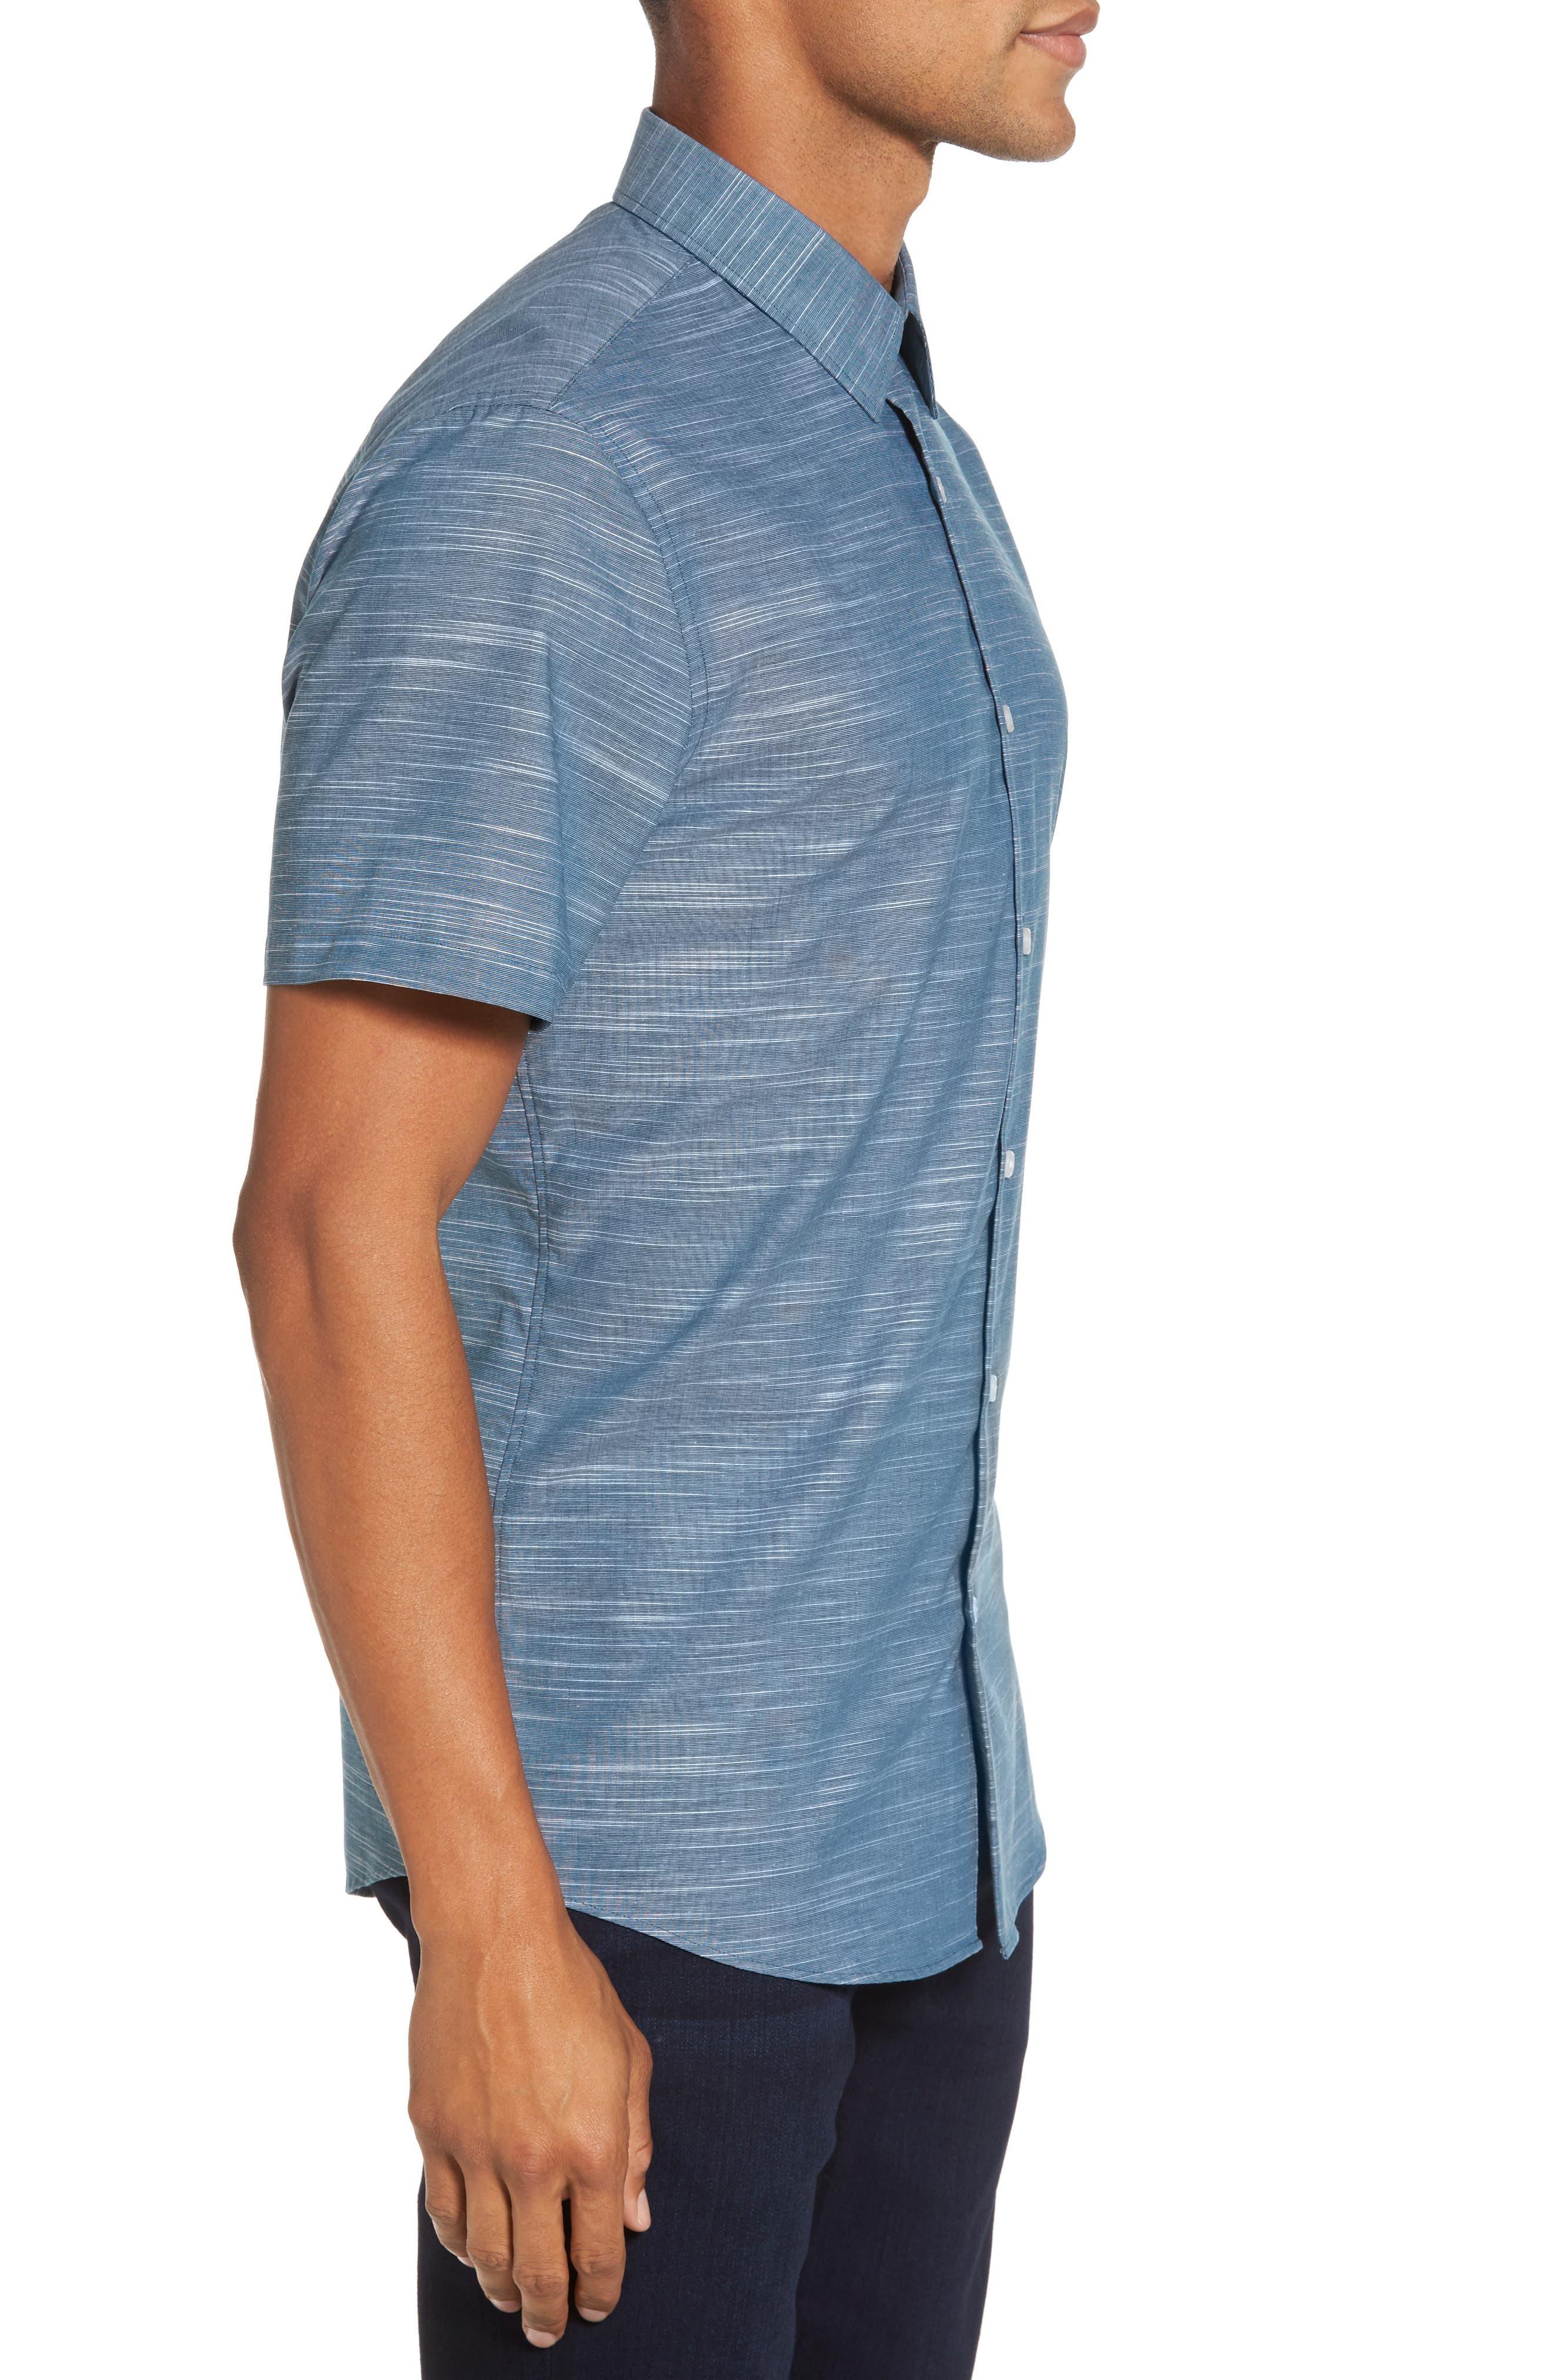 Calilbrate Slim Fit Slub Woven Shirt,                             Alternate thumbnail 7, color,